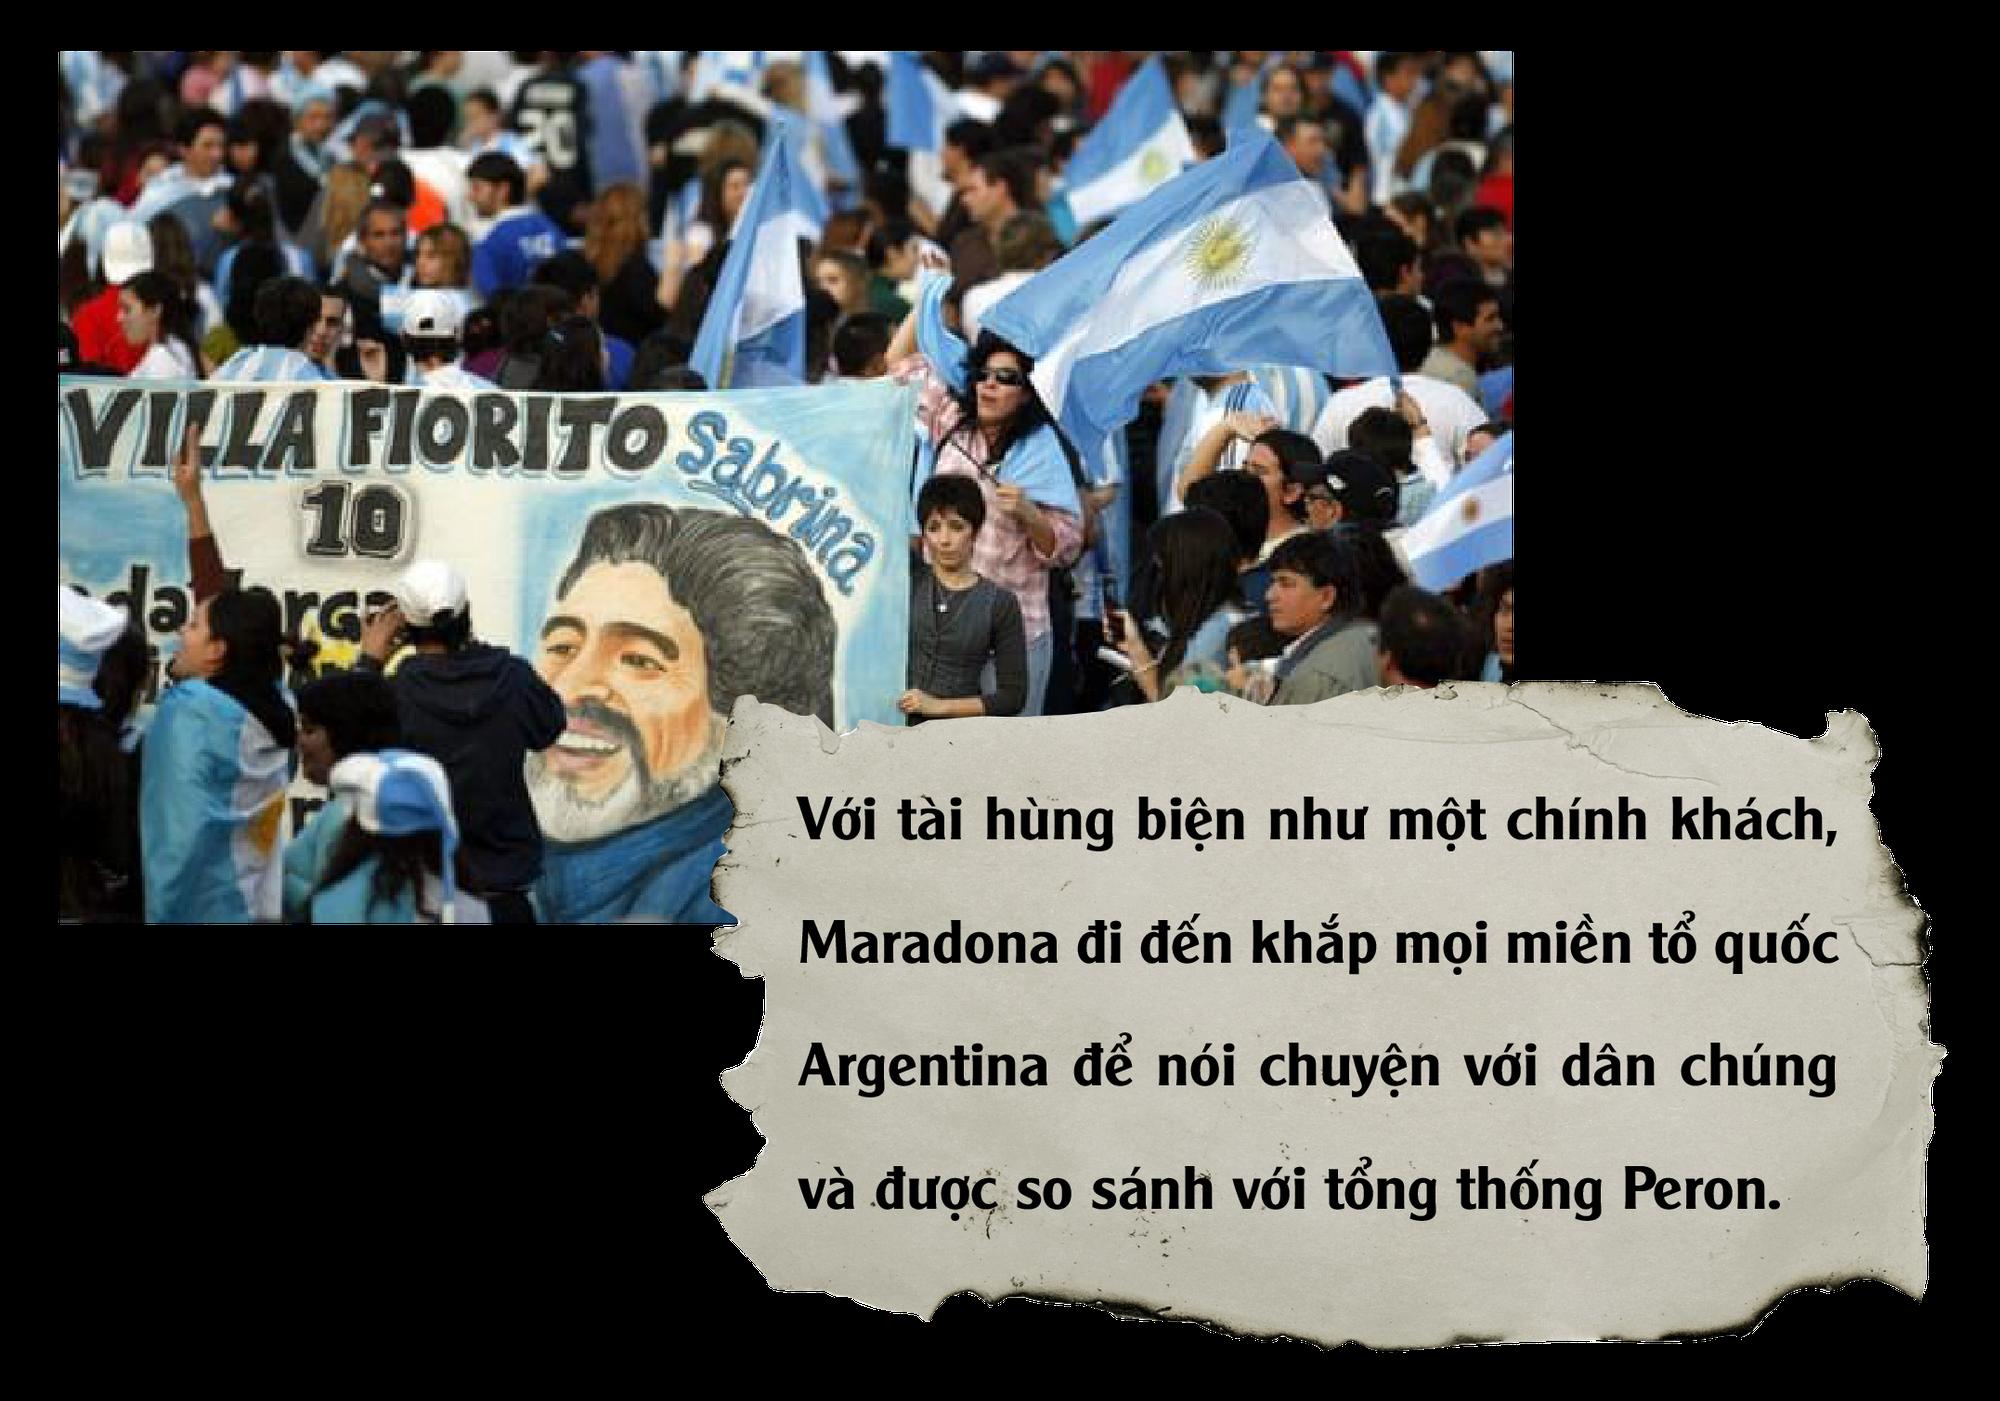 Diego Maradona: Vĩnh biệt vị lãnh tụ thiên tài ứng nghiệm từ lời tiên tri - Ảnh 16.